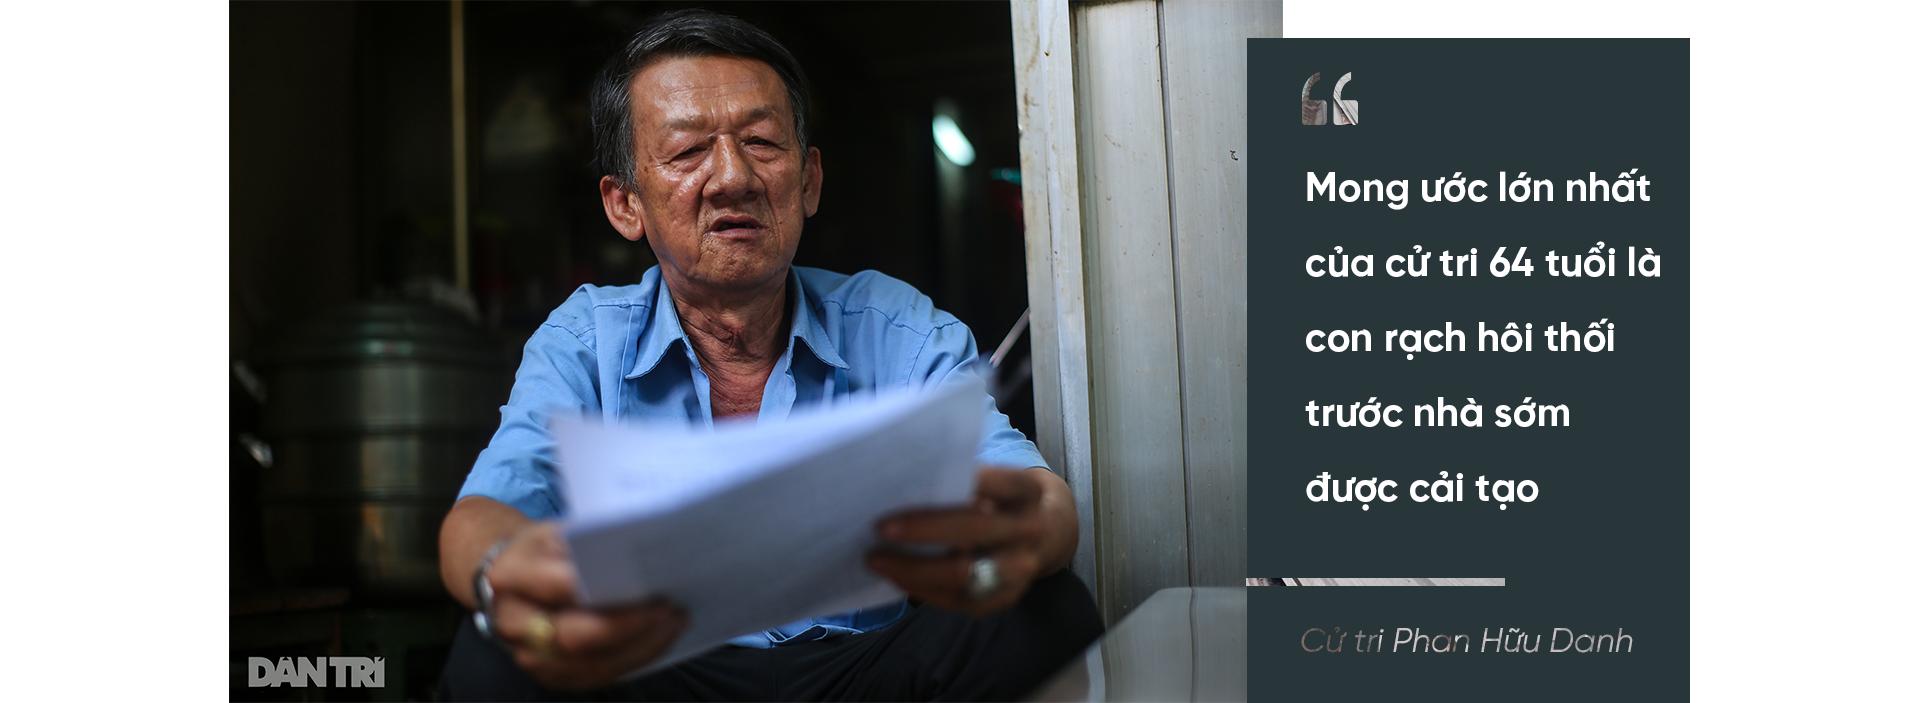 Mong ước nối 2 thế kỷ của dân sống ven con rạch khủng khiếp nhất Sài Gòn - 3